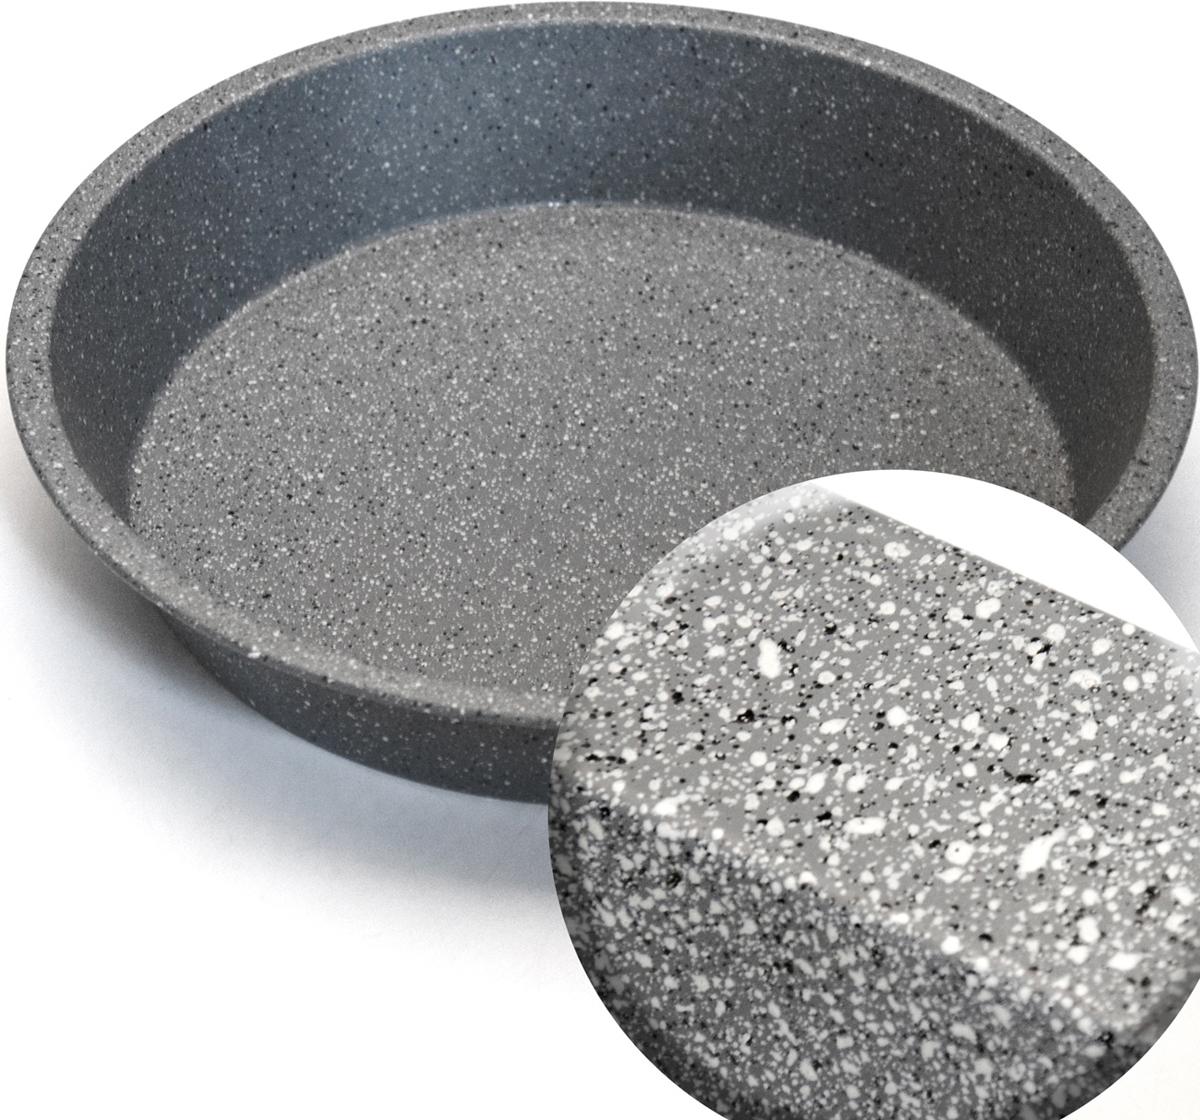 """Противень """"Mayer & Boch"""" изготовлен из высококачественной углеродистой стали  с антипригарным мраморным покрытием. Основной плюс посуды этого типа  заключается в том, что эта посуда не перегревается, соответственно не  разрушается антипригарный слой. Мраморное покрытие делает возможным  приготовление блюд без масла. Оно обладает повышенной стойкостью к  царапинам и внешним воздействиям. Такая посуда незаменима для  приготовления запеканок, всевозможных блюд из мяса и овощей, а также выпечки  из теста и изысканных кондитерских блюд. Подходит для использования в  духовках. Подходит для мытья в посудомоечной машине."""